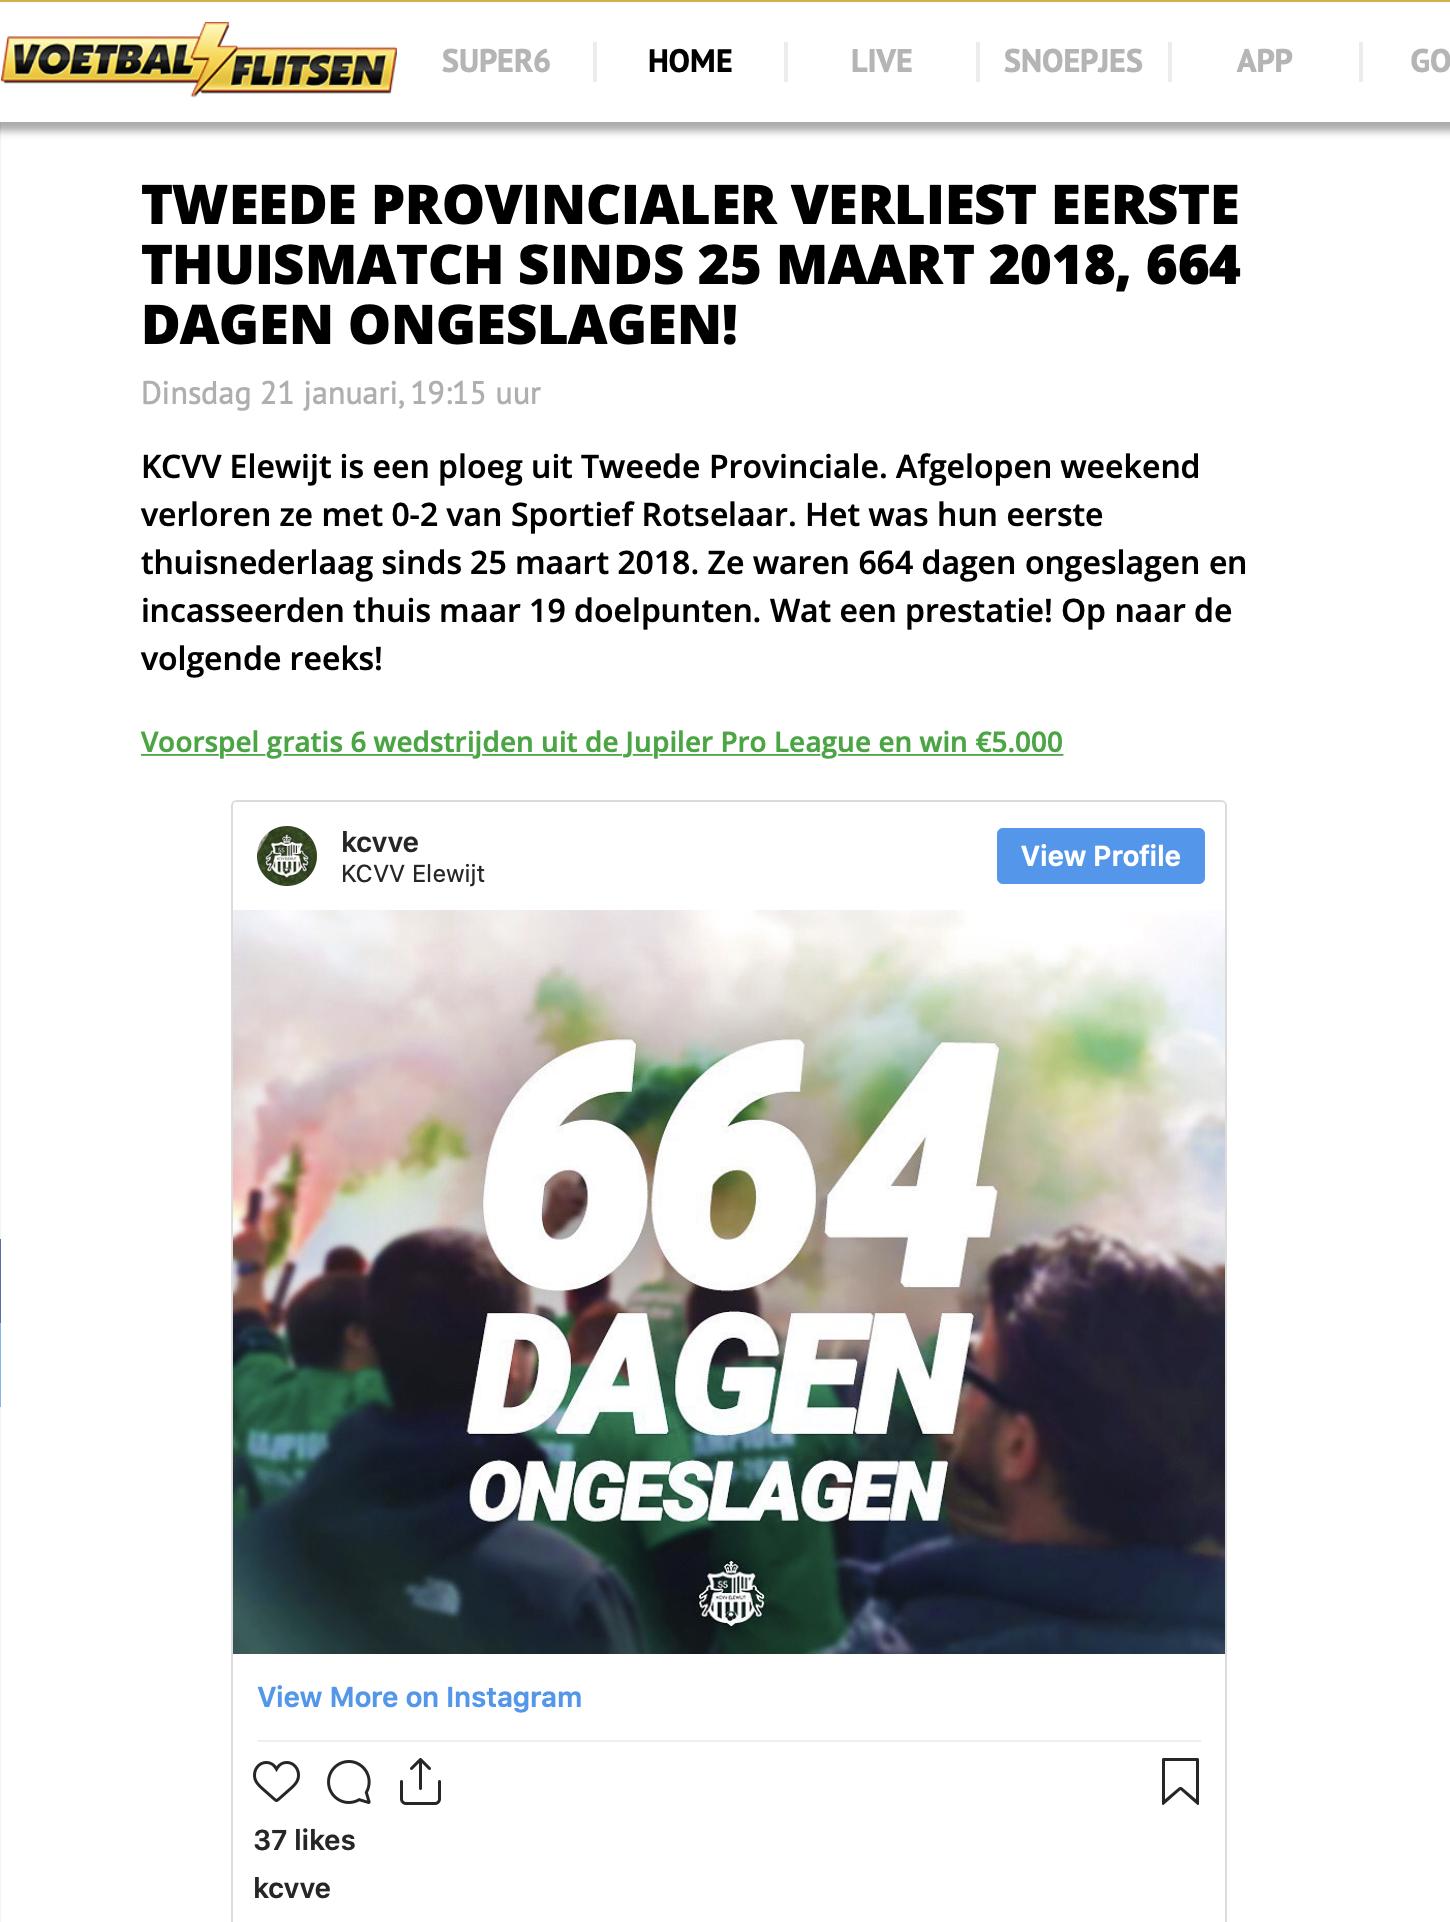 Voetbalflitsen over 664 dagen ongeslagen